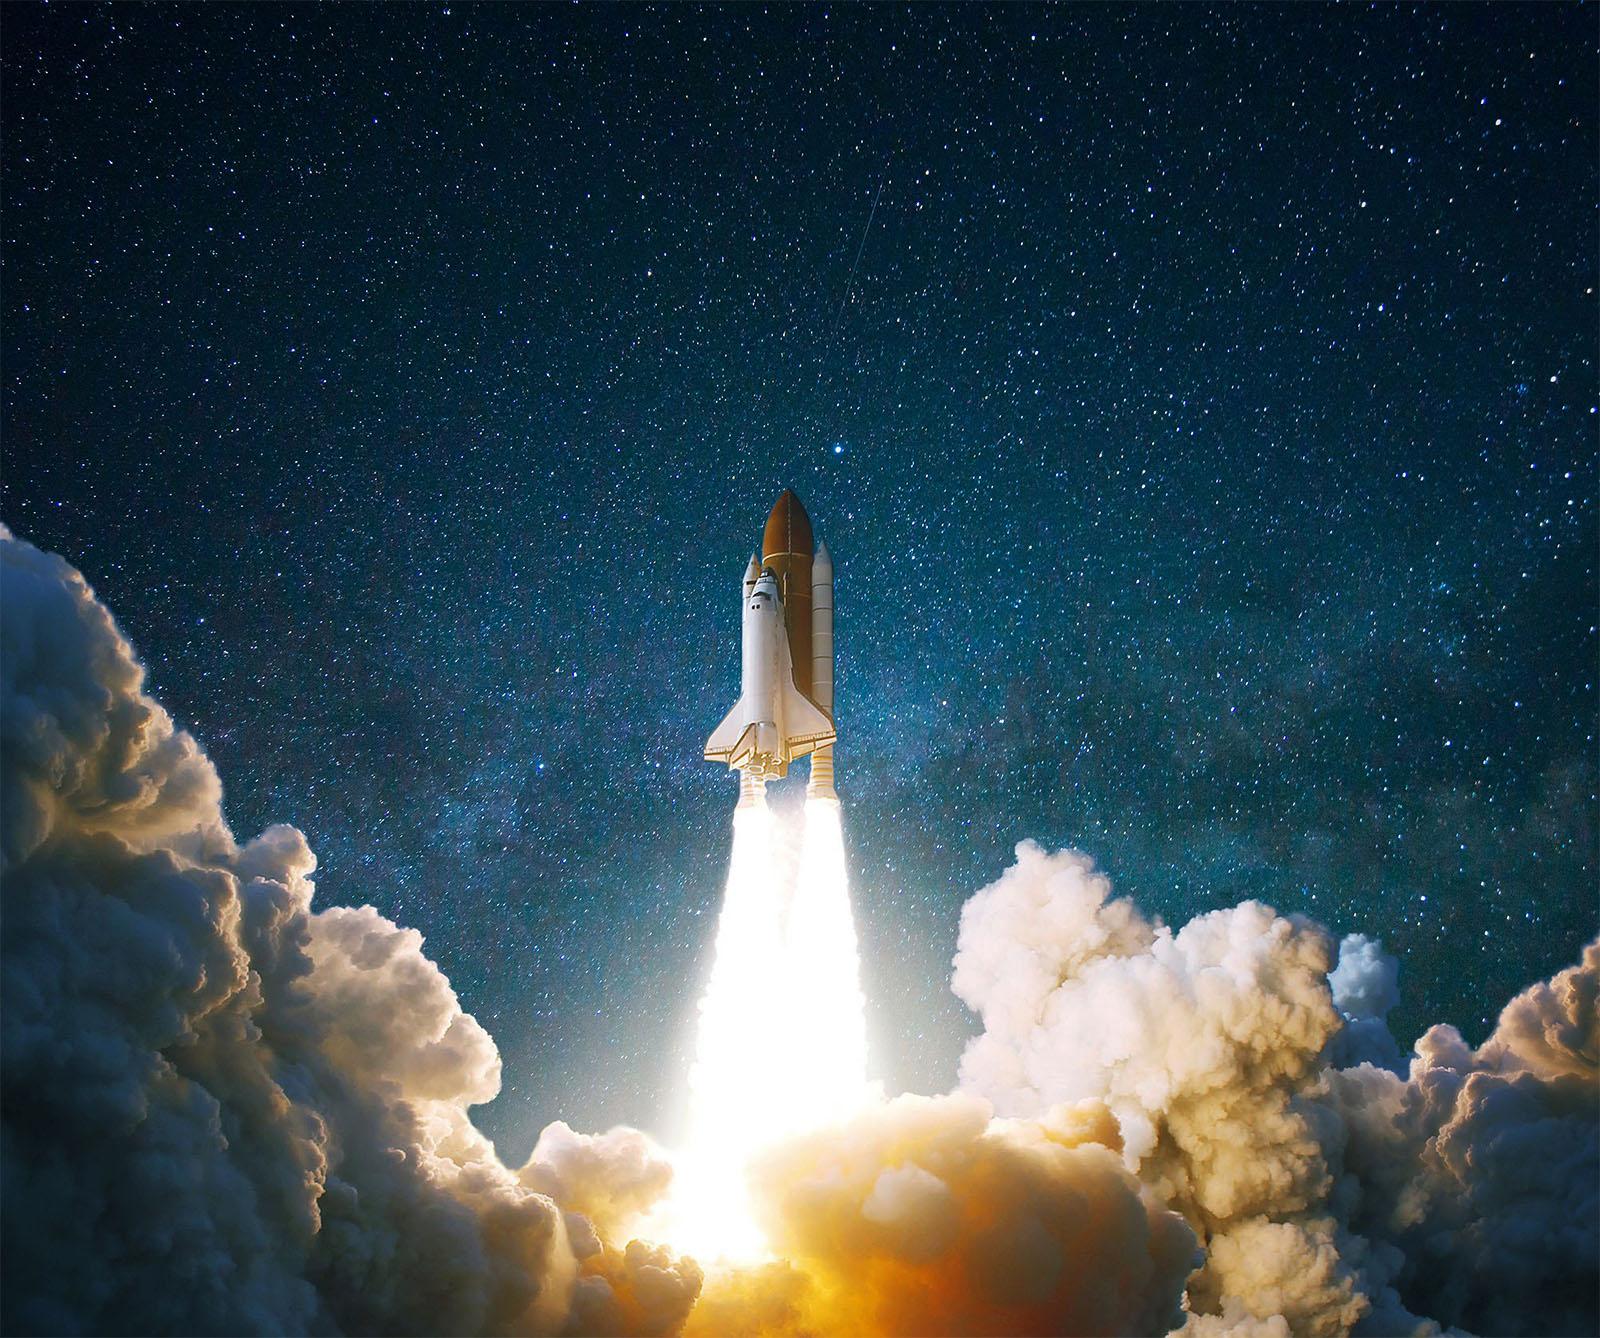 Spaceshuttle beim Start in den Sternenhimmel bei Nacht mit Rauchwolken